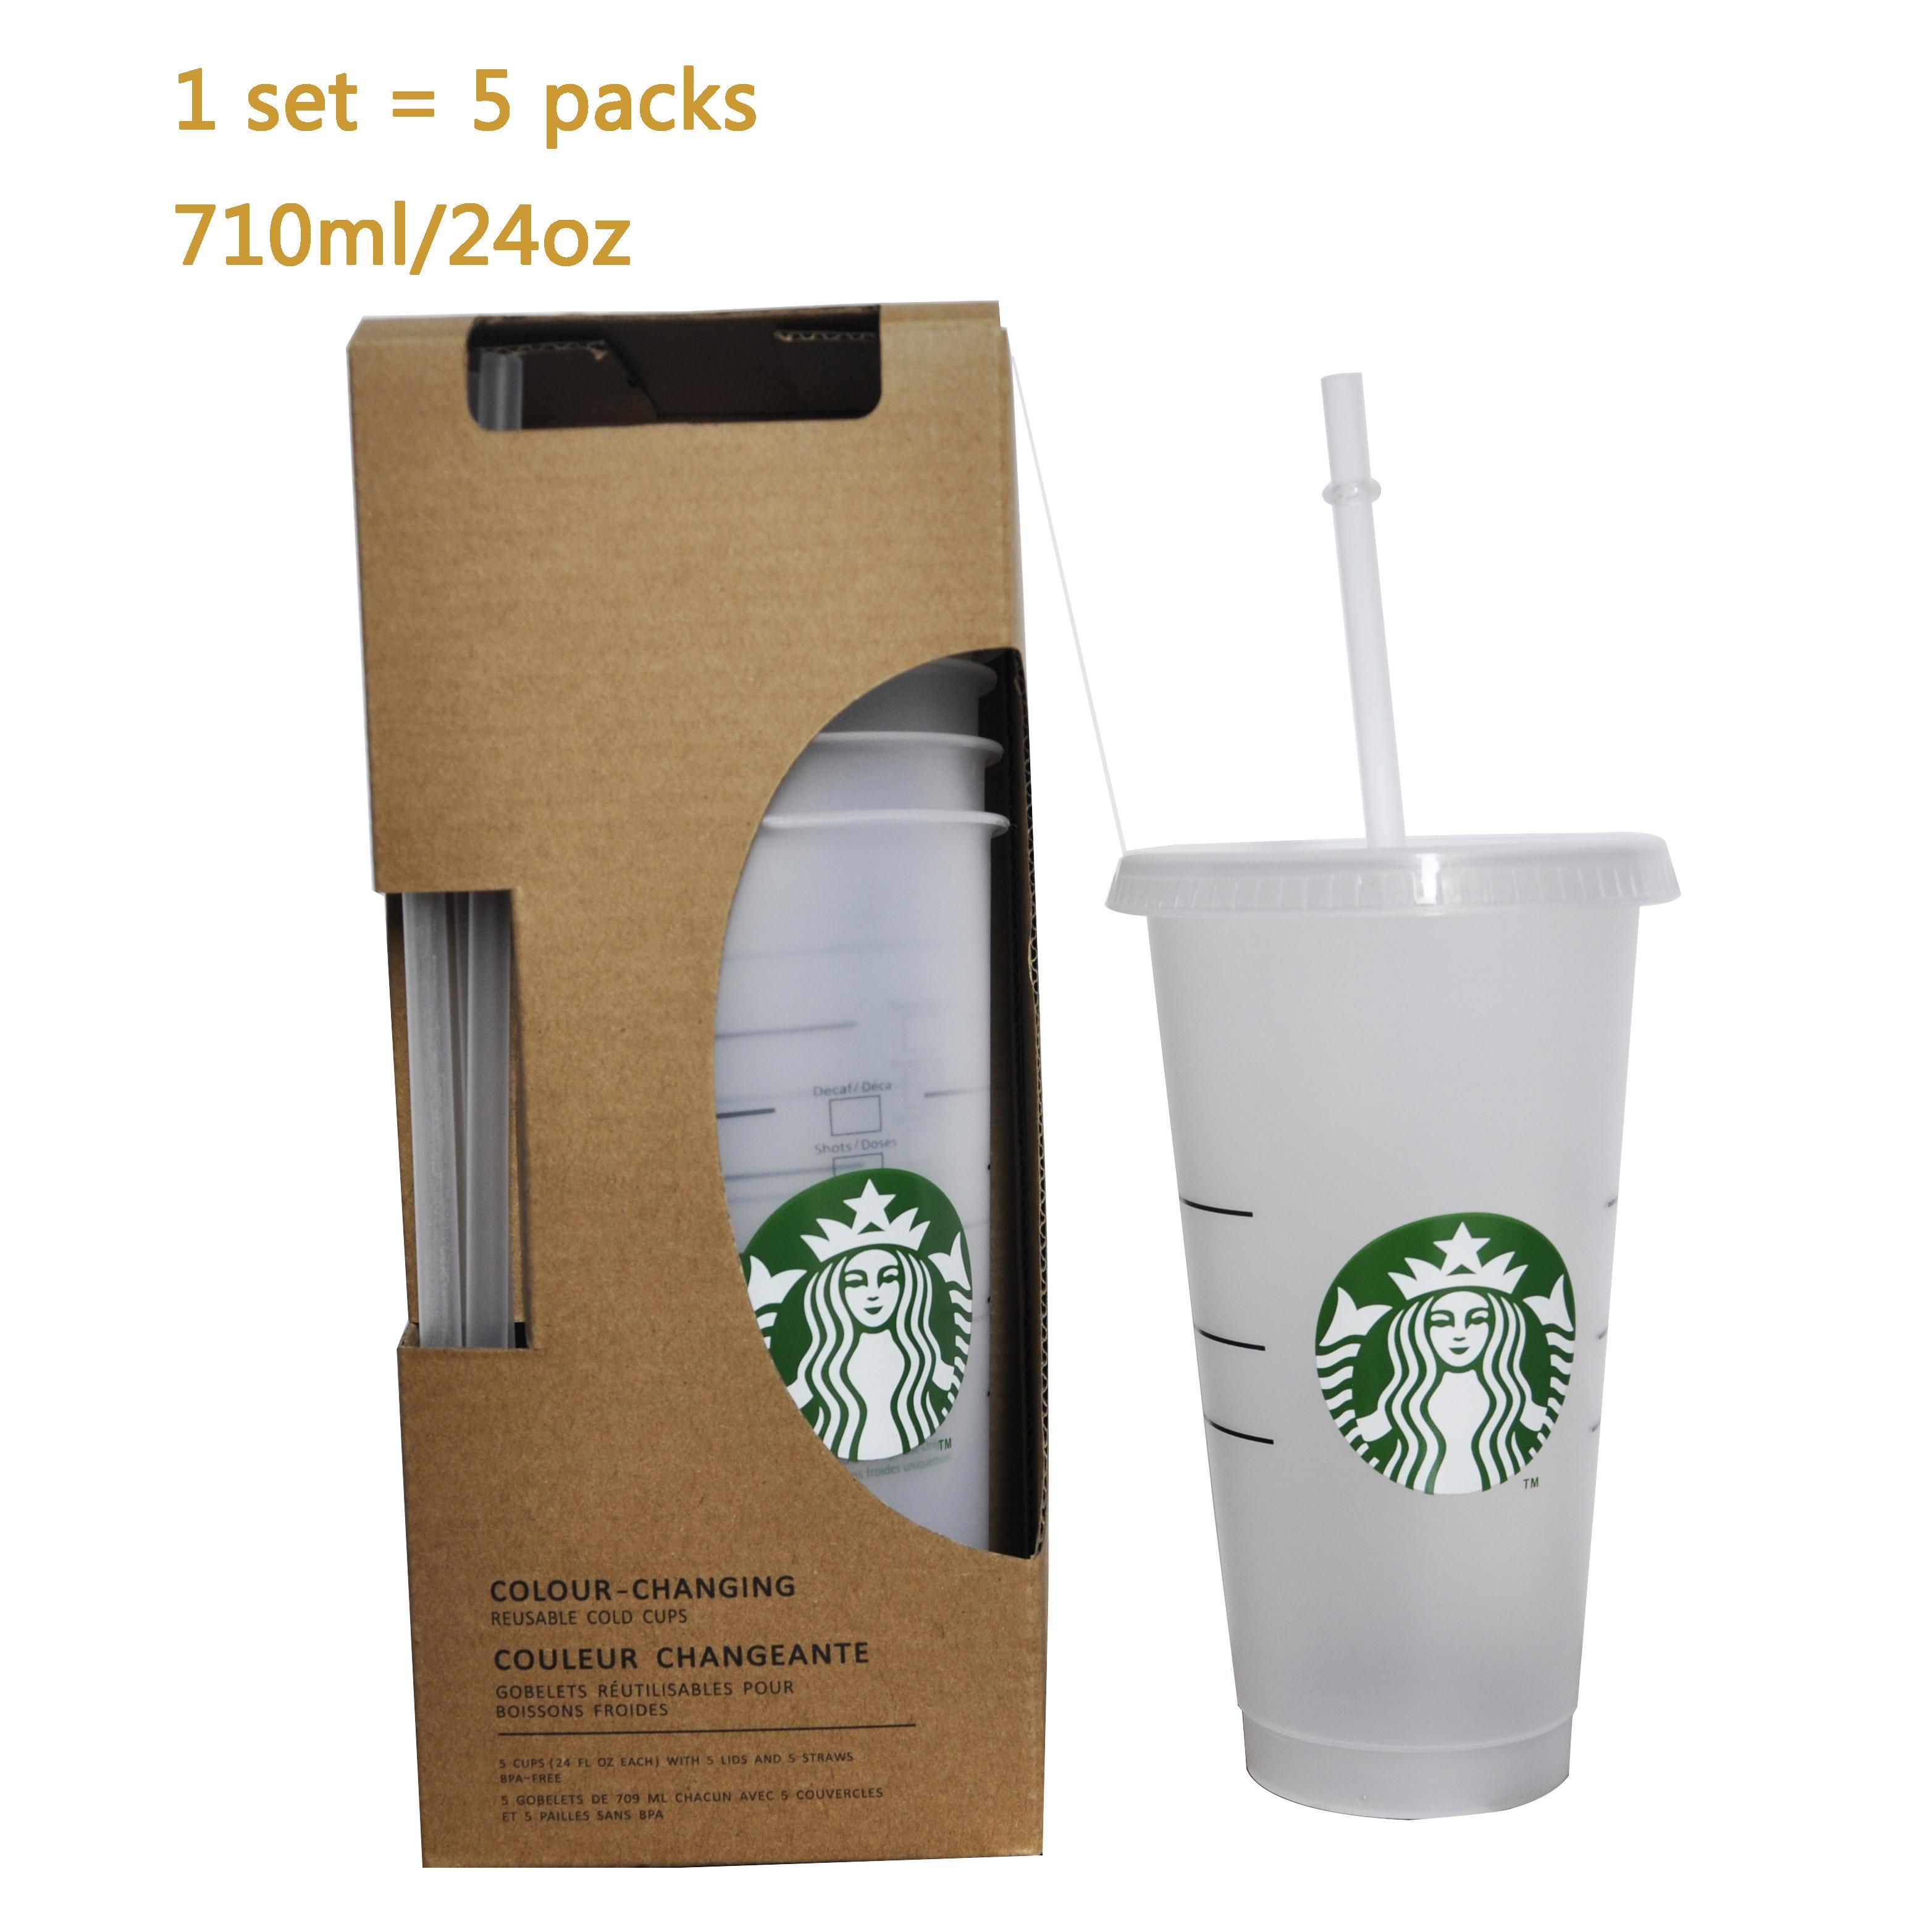 1 set = 5 tasses en plastique transparentes transparentes de 5oz qui ne changent pas de couleur Coupe de boissons réutilisables Coupes Starbucks avec des couvercles et des pailles Coffe